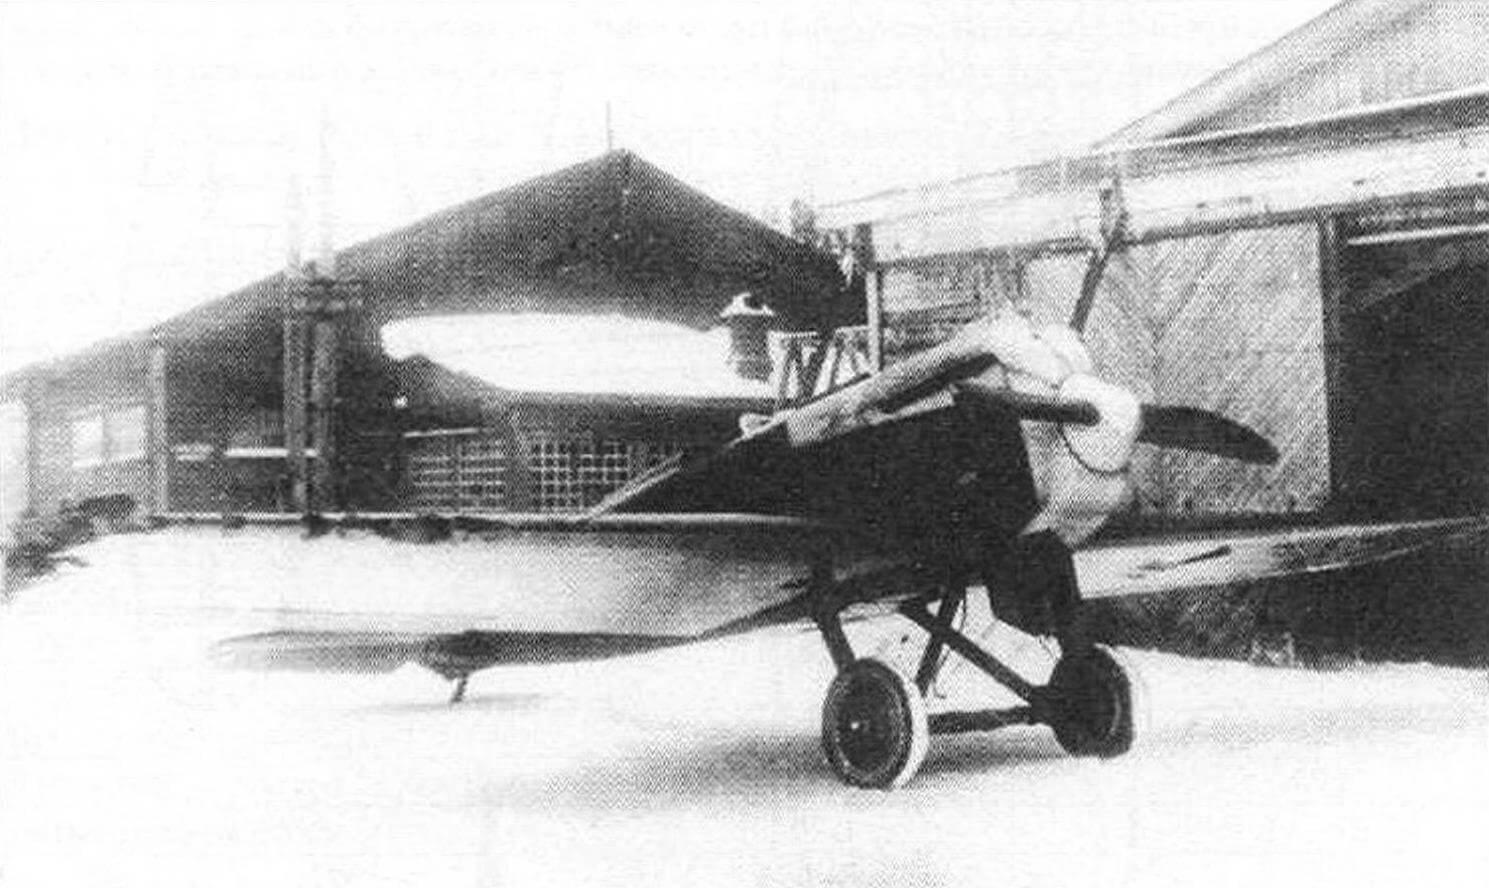 Поломка крыла третьего опытного ИЛ-400 (ИЛ-3), произошедшая во время газовки двигателя